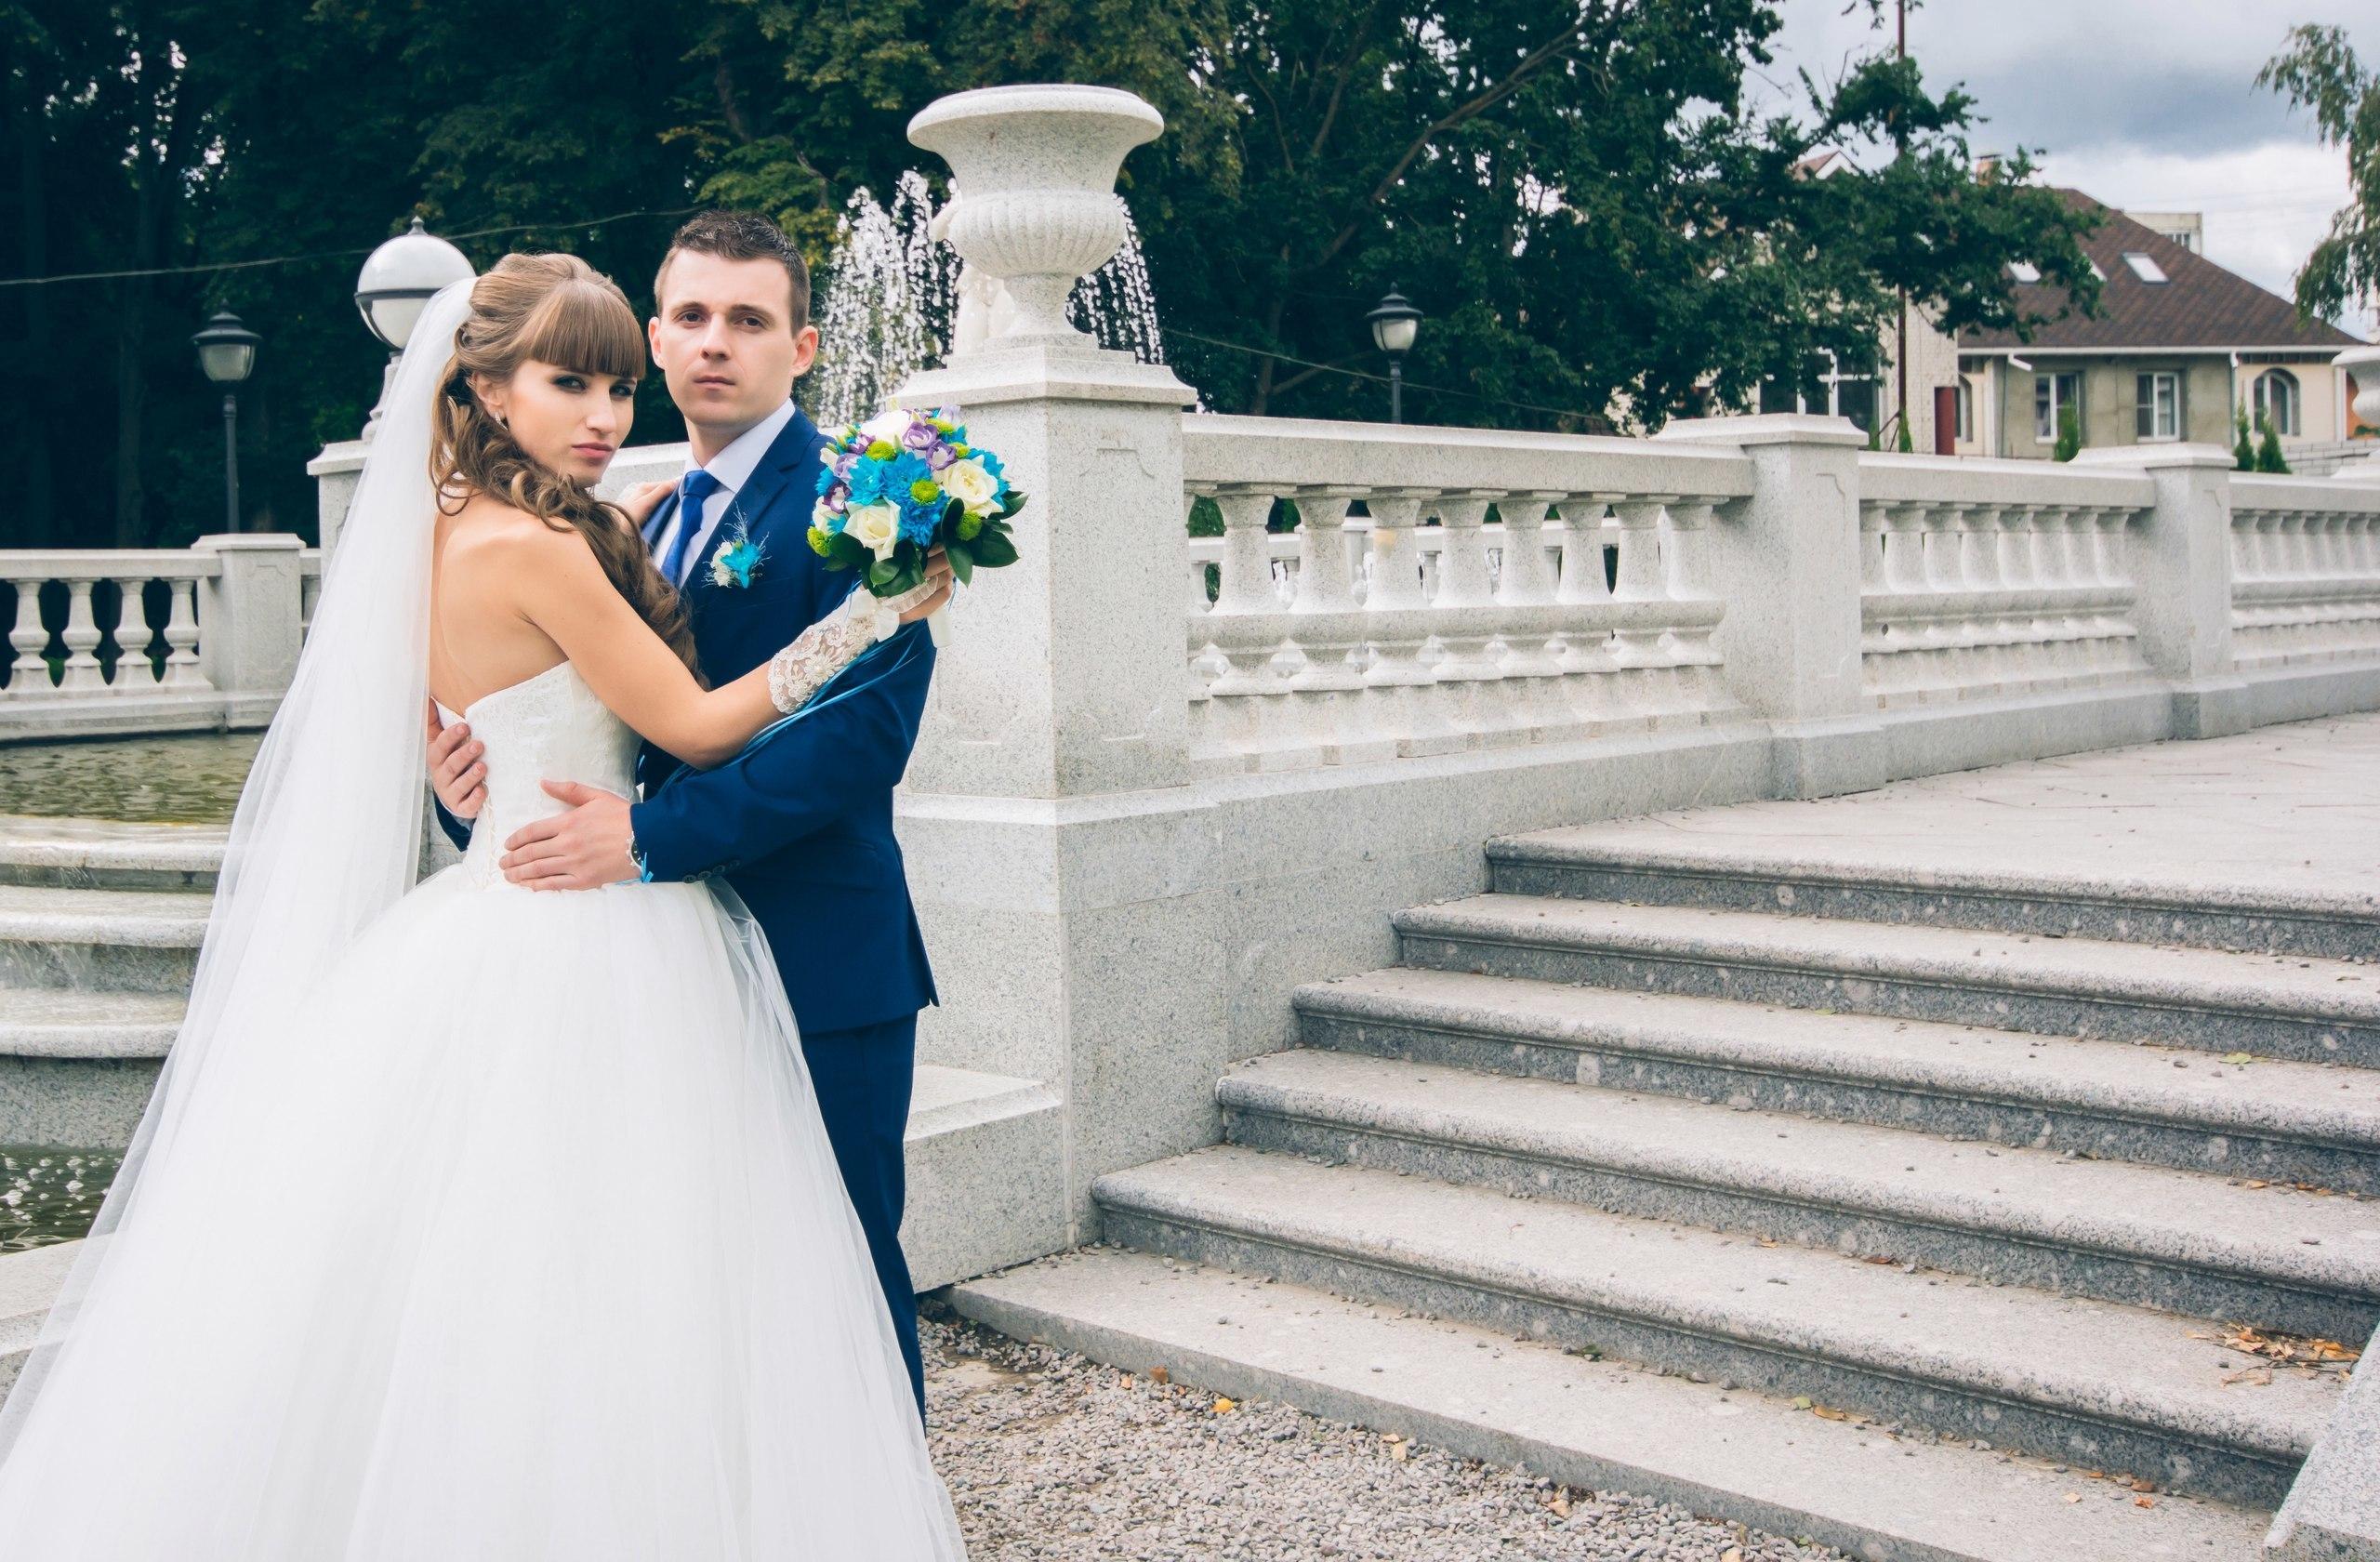 Фото с свадьбы нелли и никиты